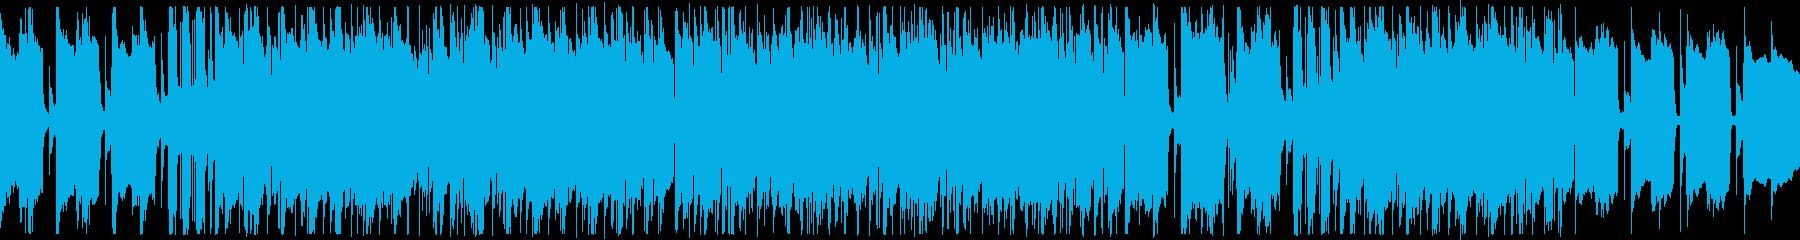 ループ/切ない雰囲気のシティポップ002の再生済みの波形